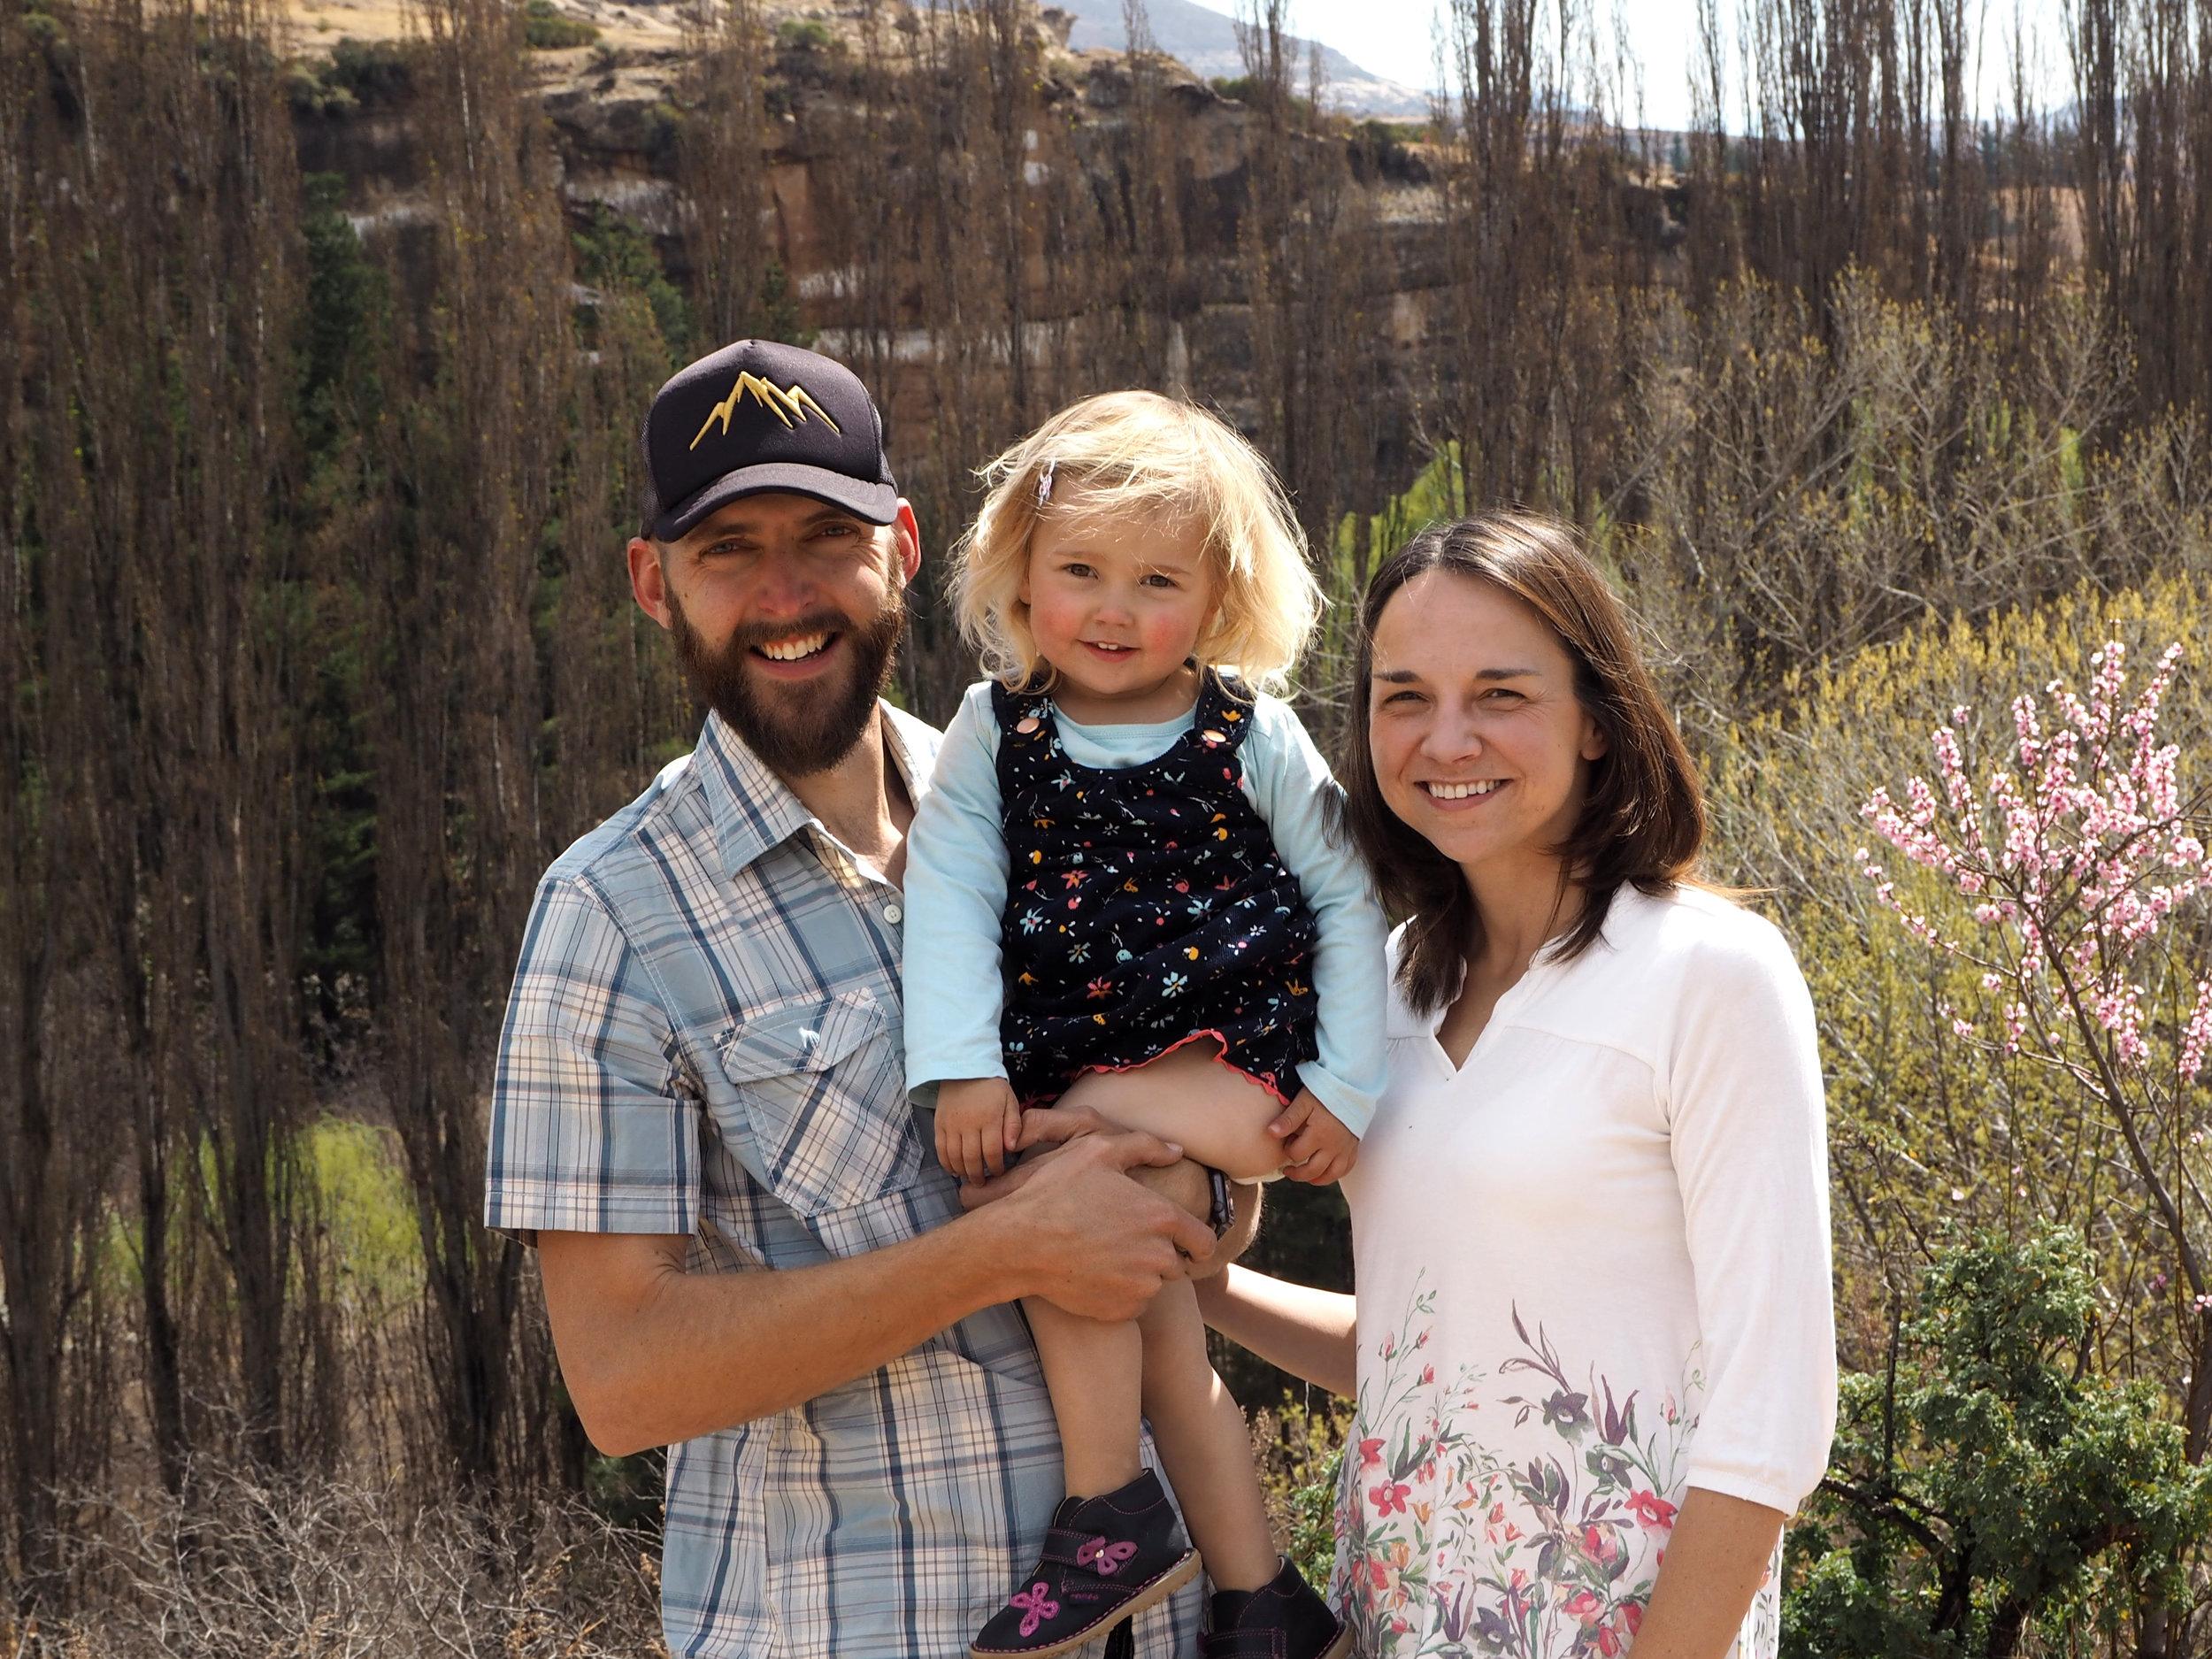 Emily, Jane and I